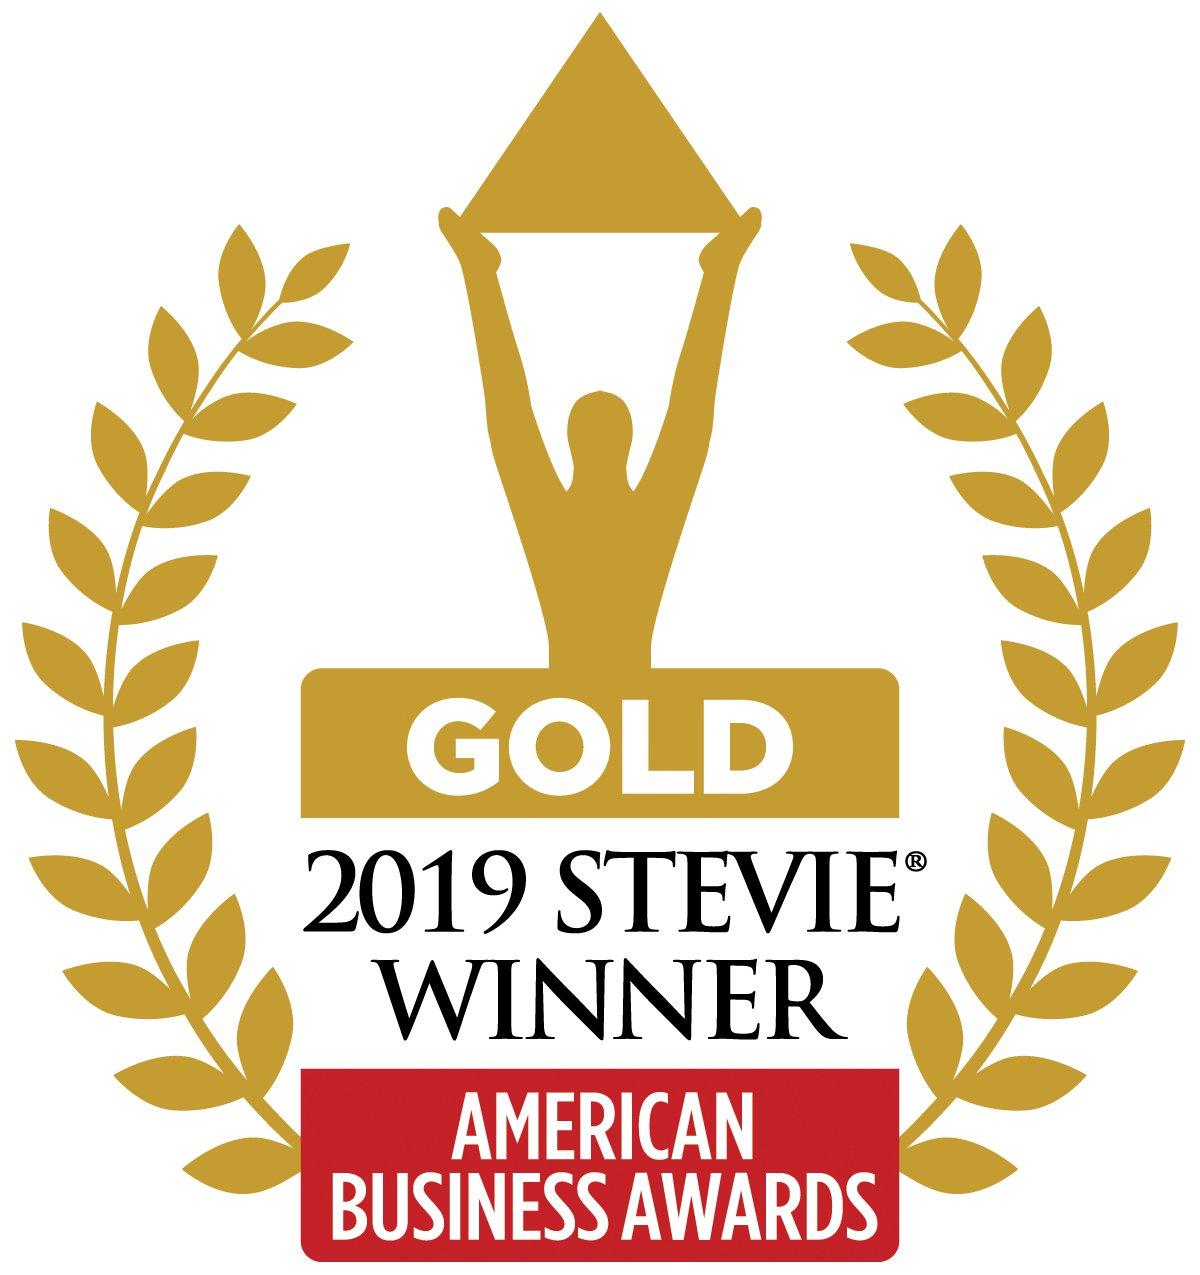 ABA19_Gold_Winner.jpg